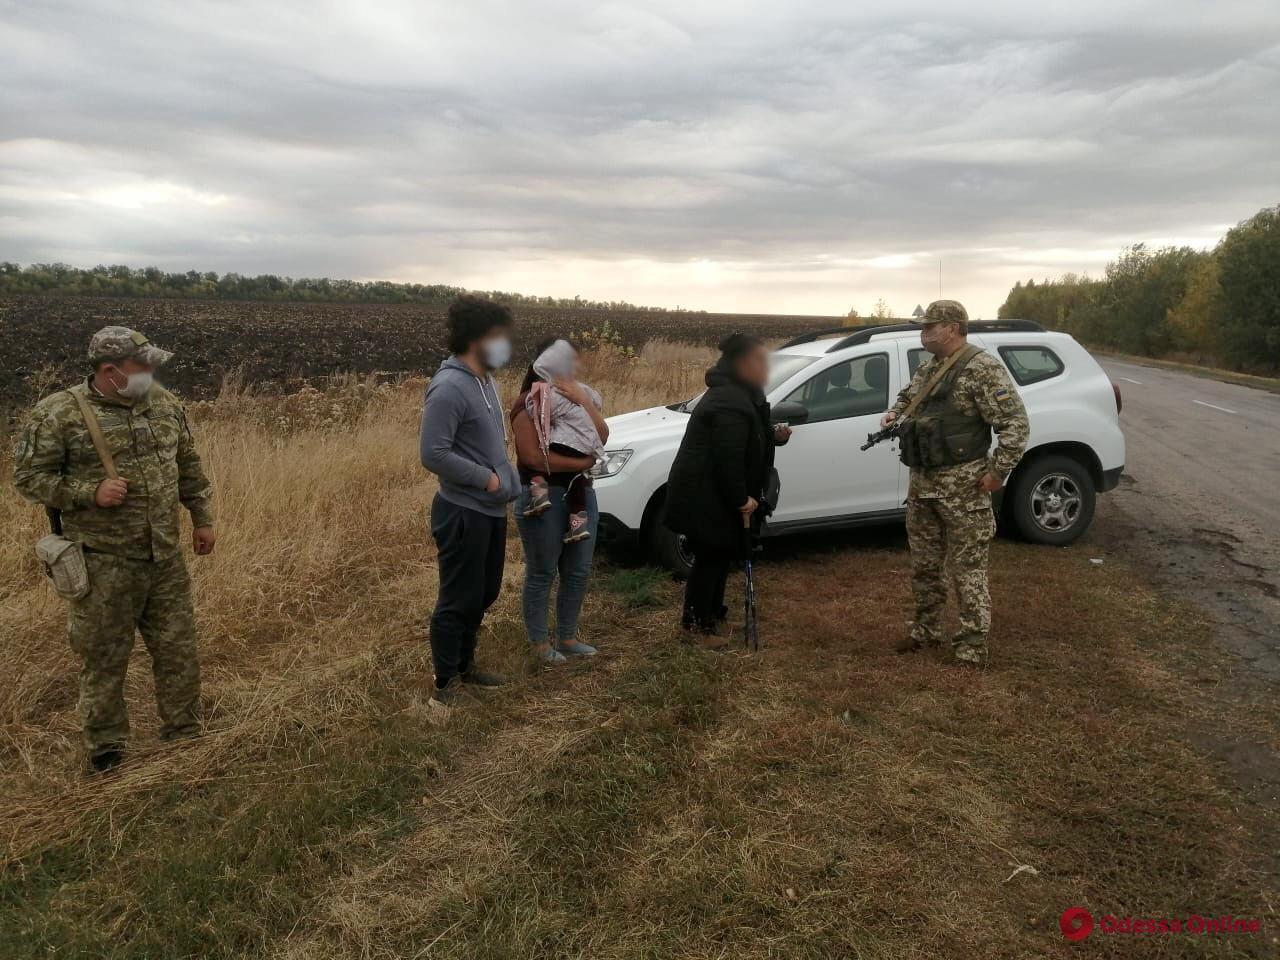 Шли в Одессу: на границе с Россией задержали семью из Афганистана